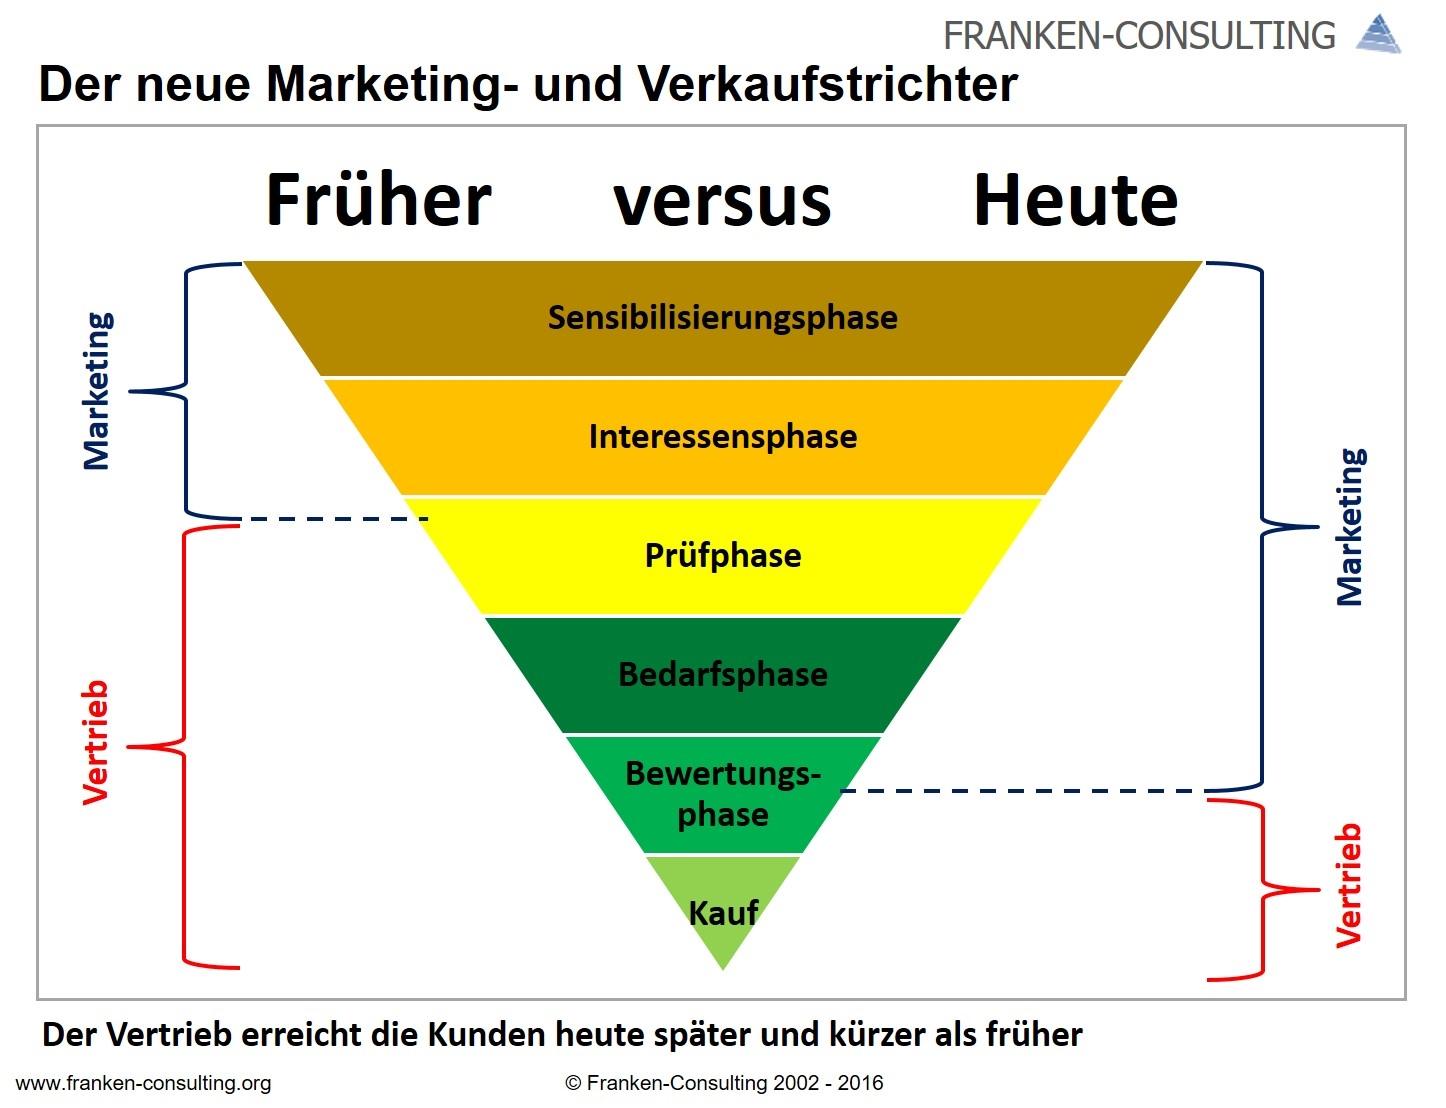 Franken-Consulting-neuer-Marketing-und-Verkaufstrichter.jpg